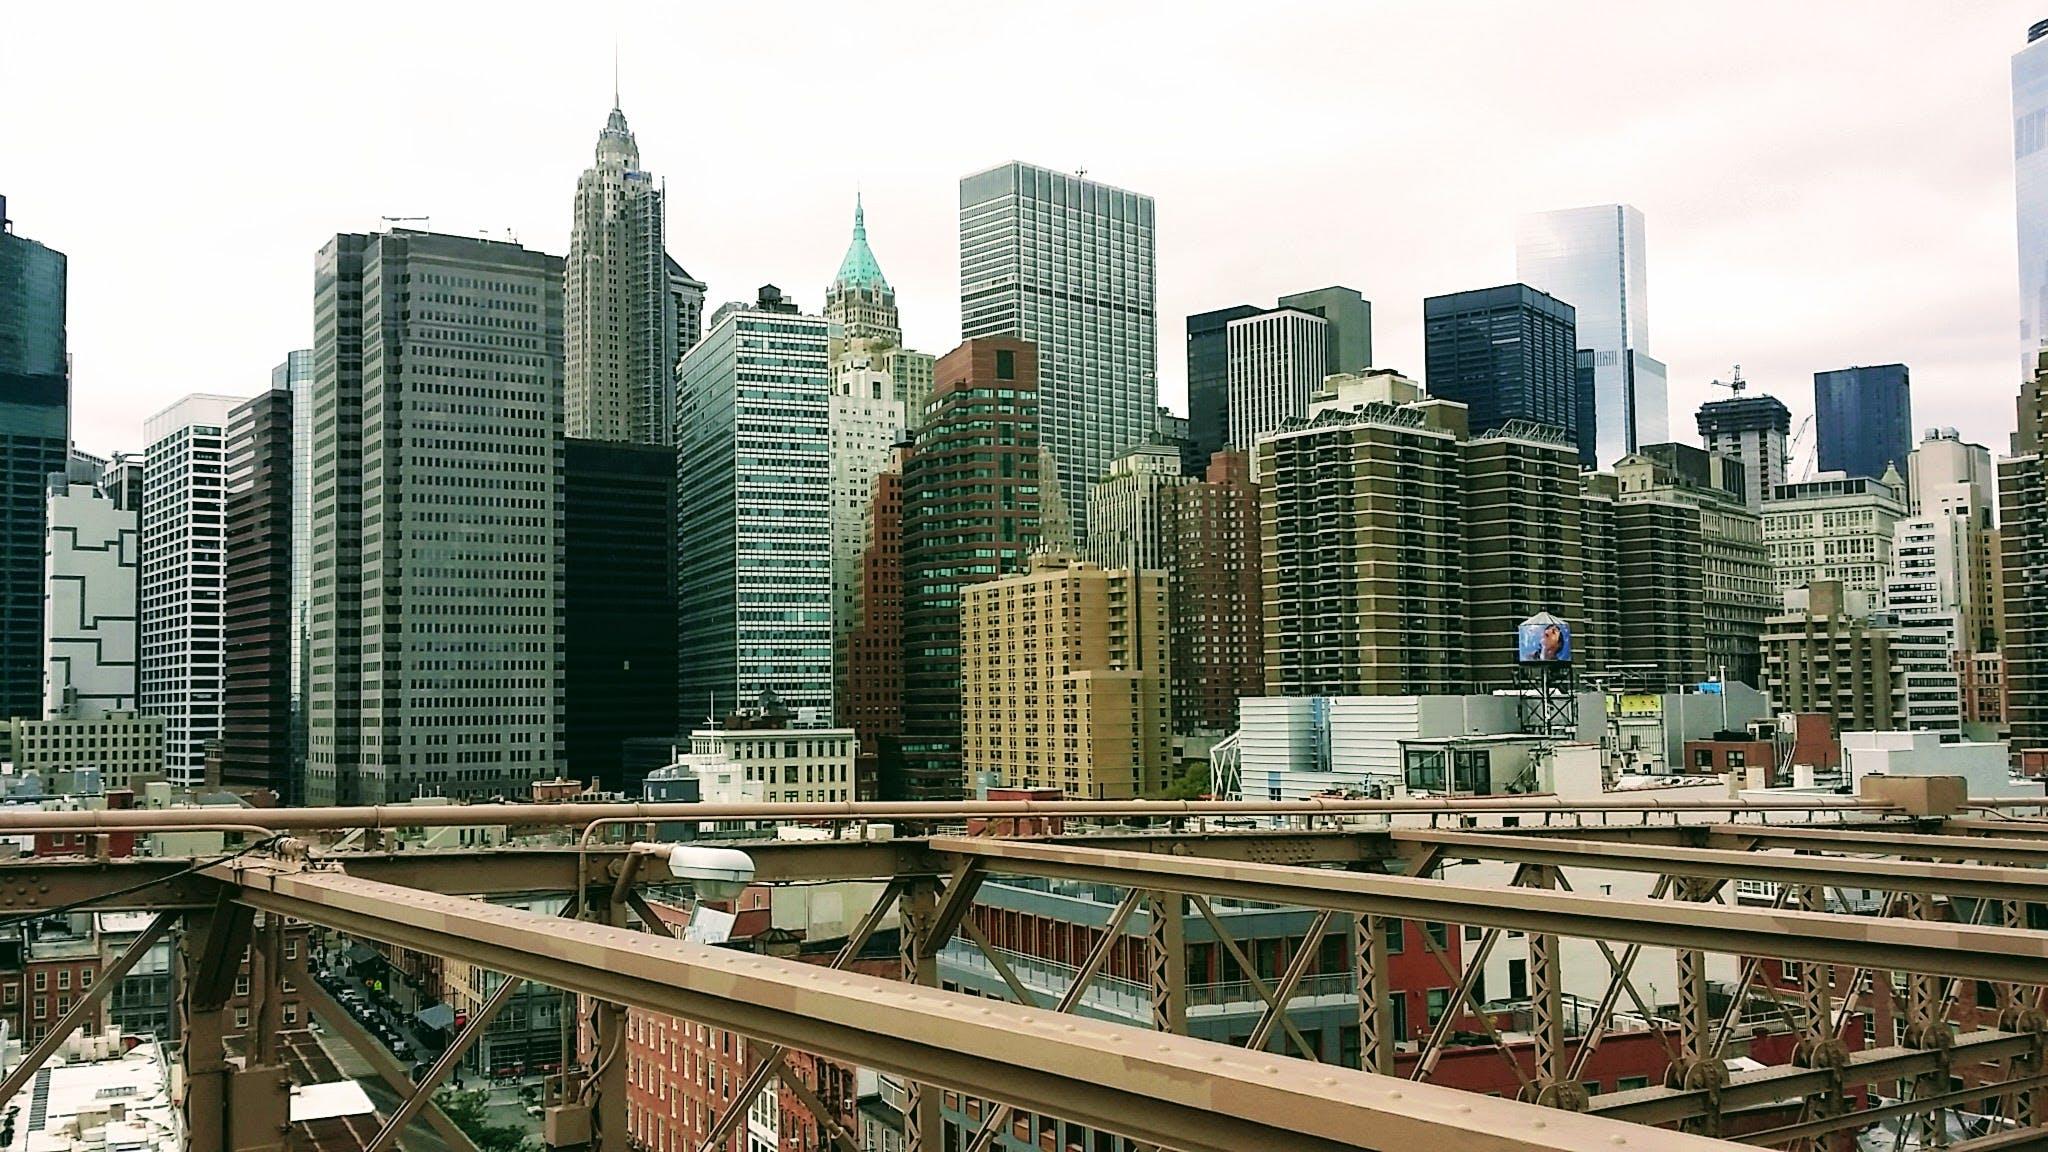 architectural design, architecture, bridge